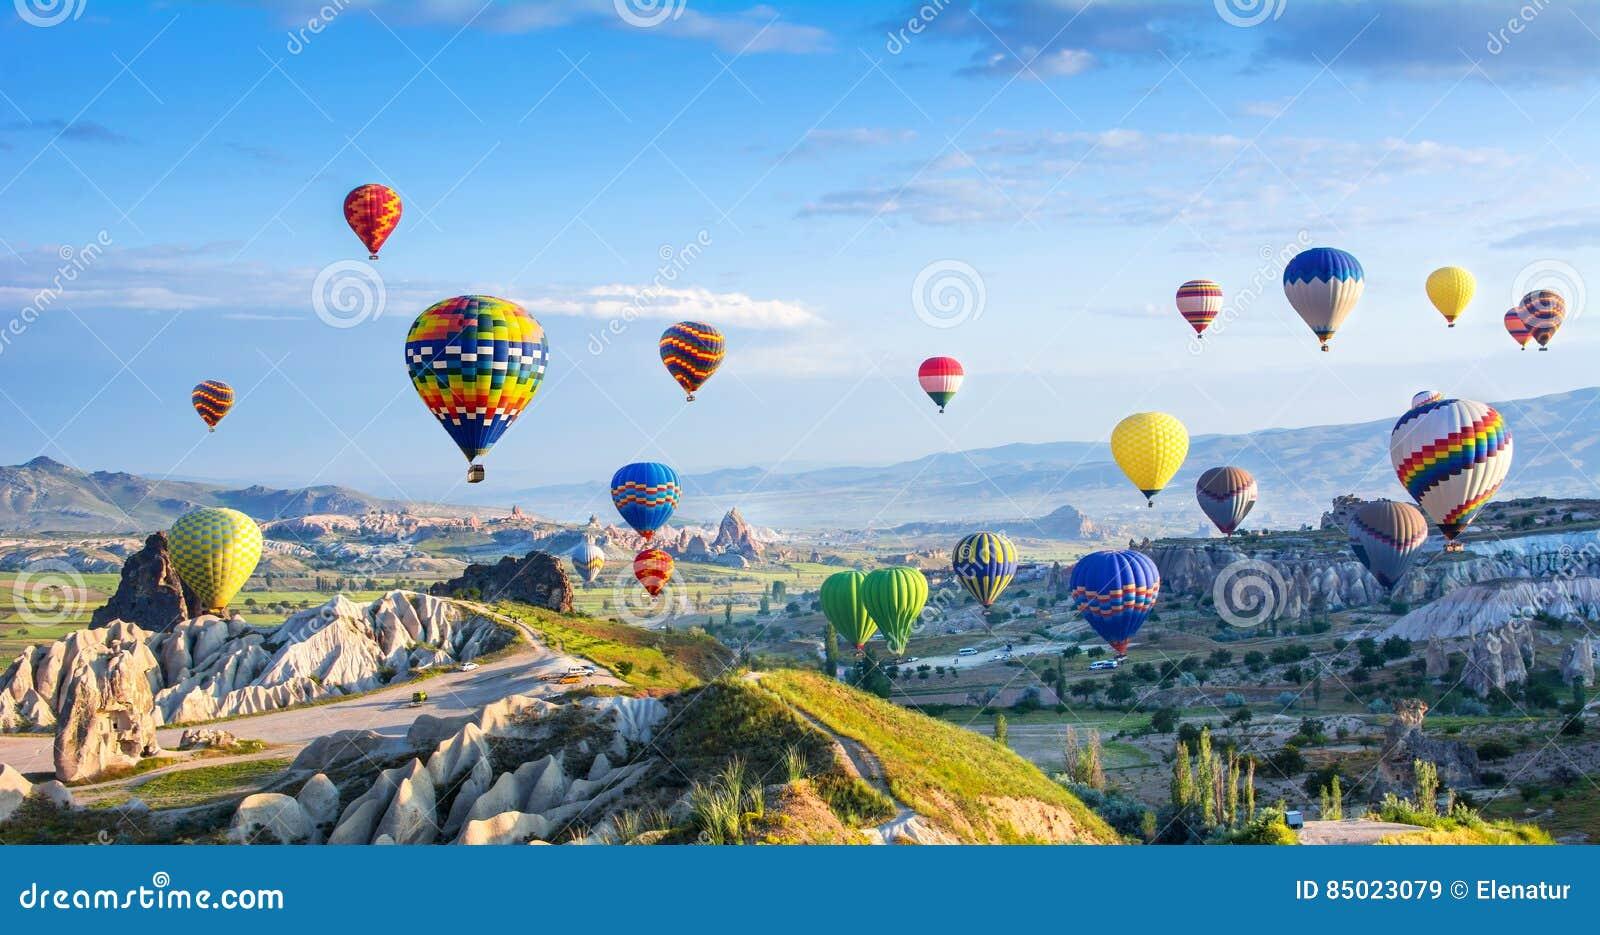 La grande attrazione turistica di Cappadocia - balloon il volo protezione